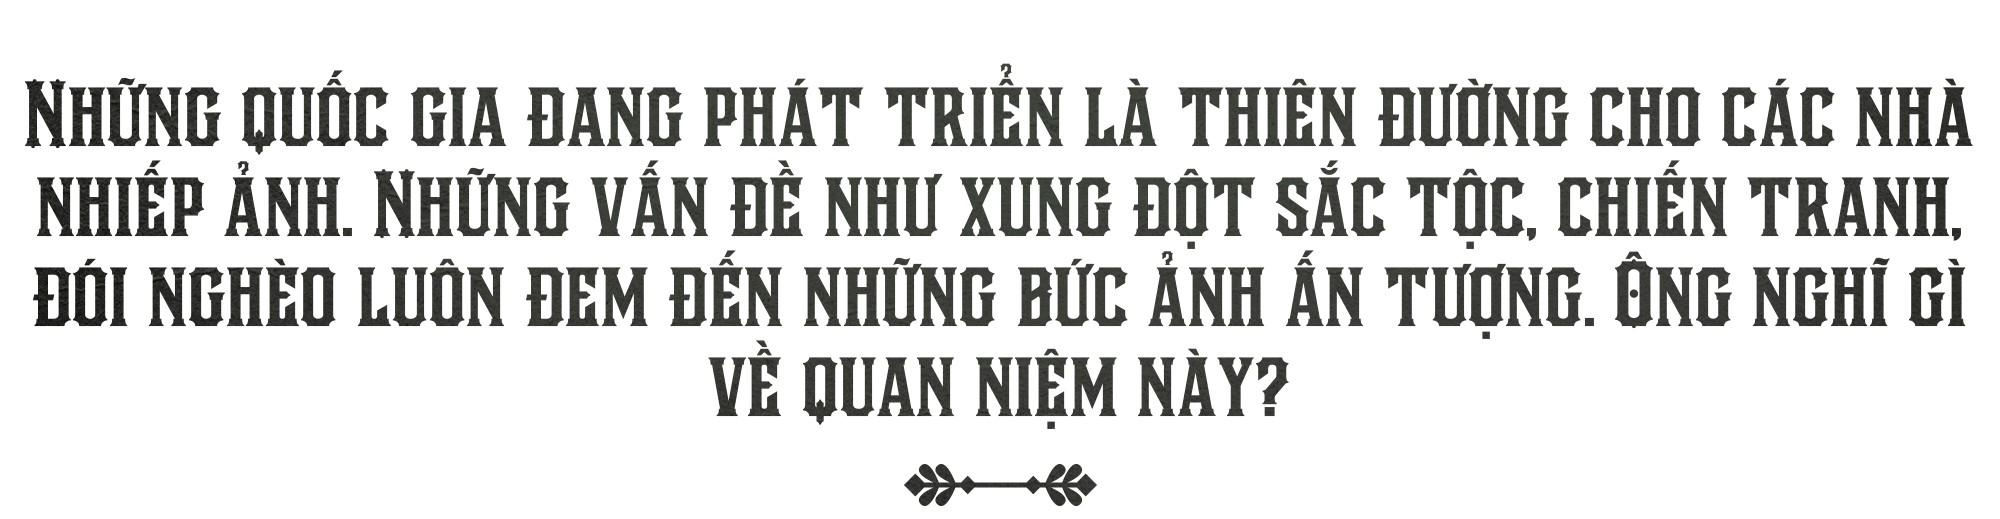 Văn hóa Việt và chùa chiền hấp dẫn tôi một cách tự nhiên - Ảnh 14.